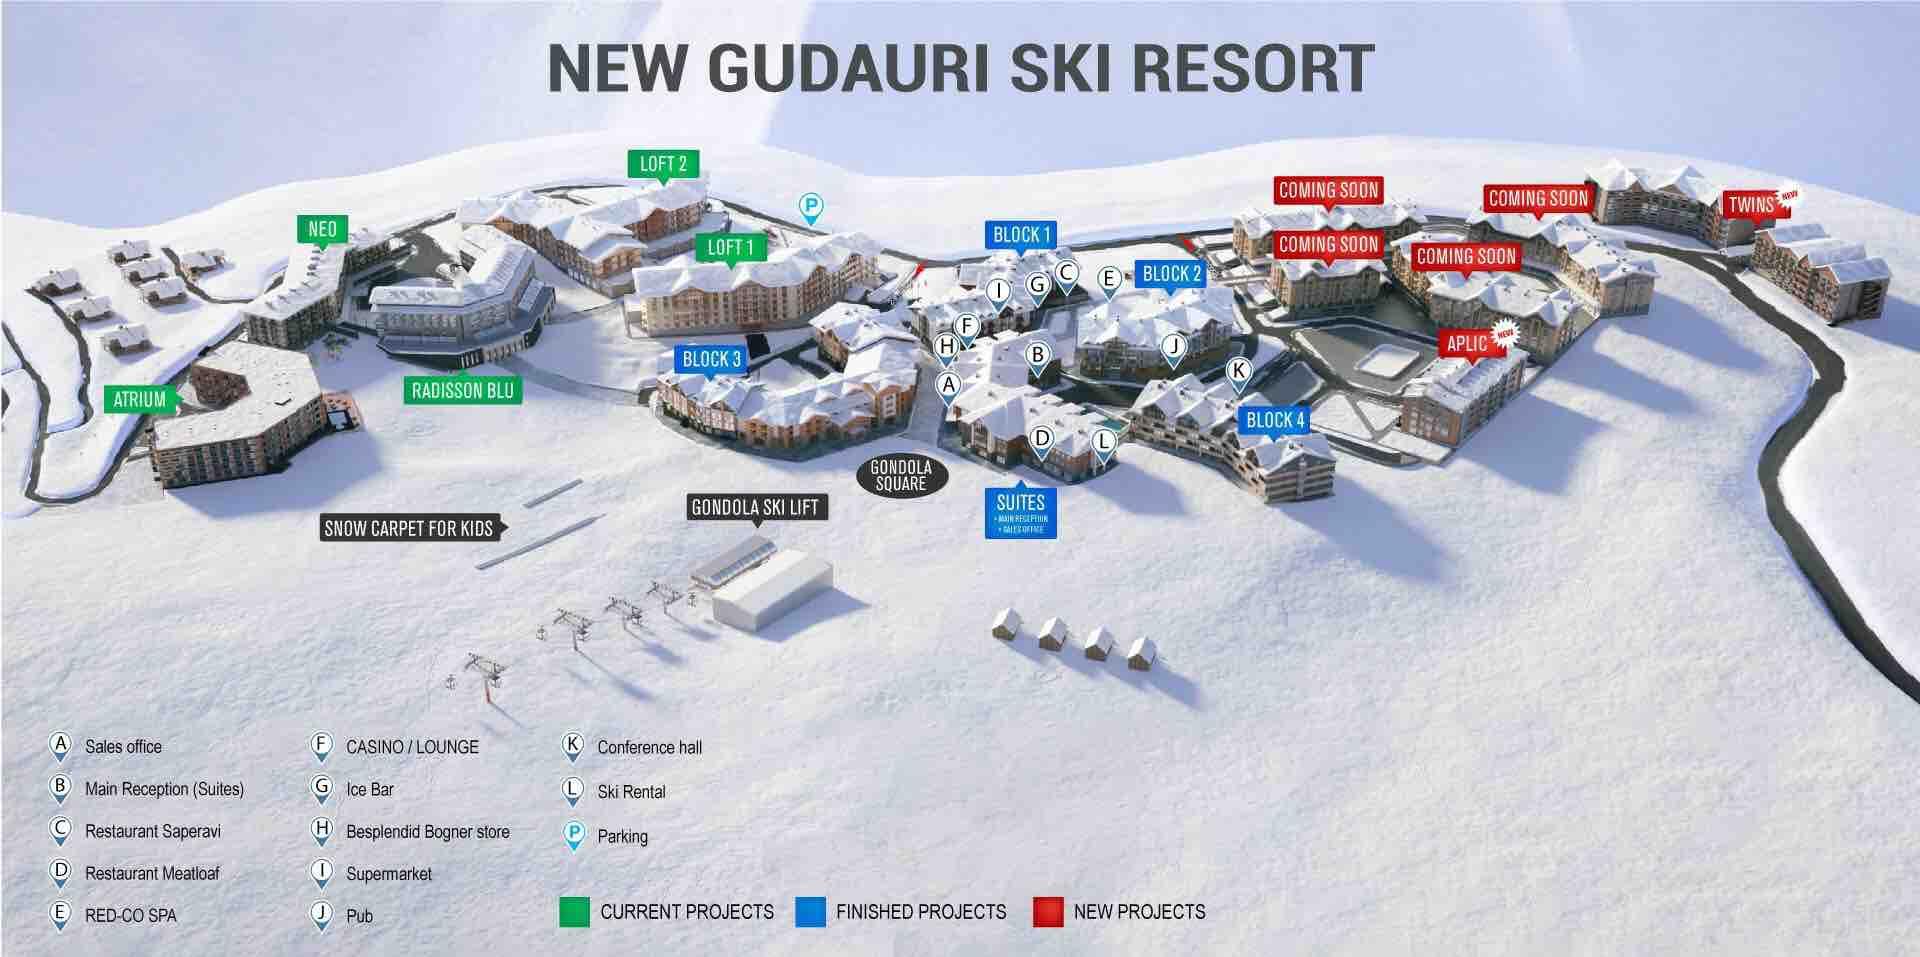 New Gudauri Map - Aparthotel Locations